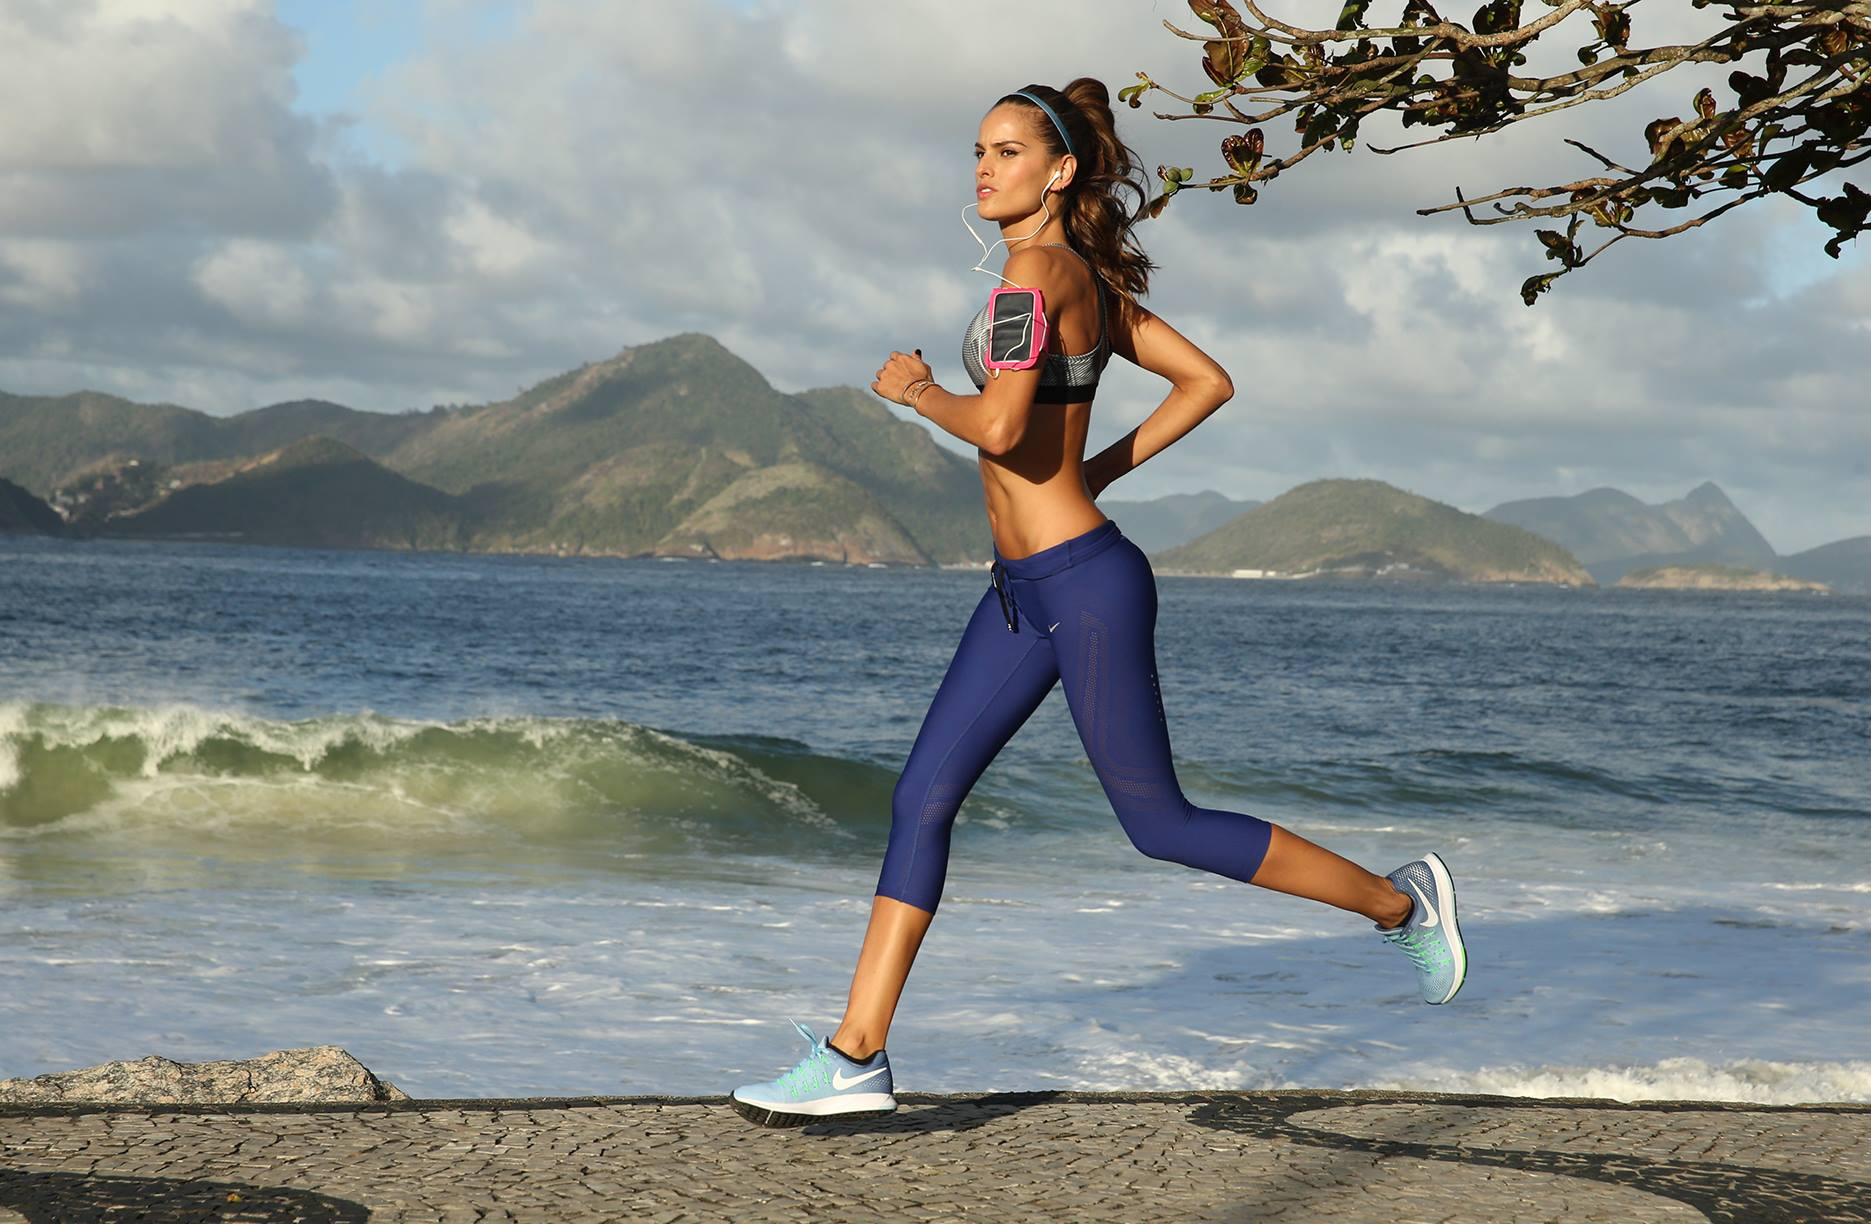 Бег Способствует Похудению. Бег и живот: как правильно бегать, чтобы похудеть в талии